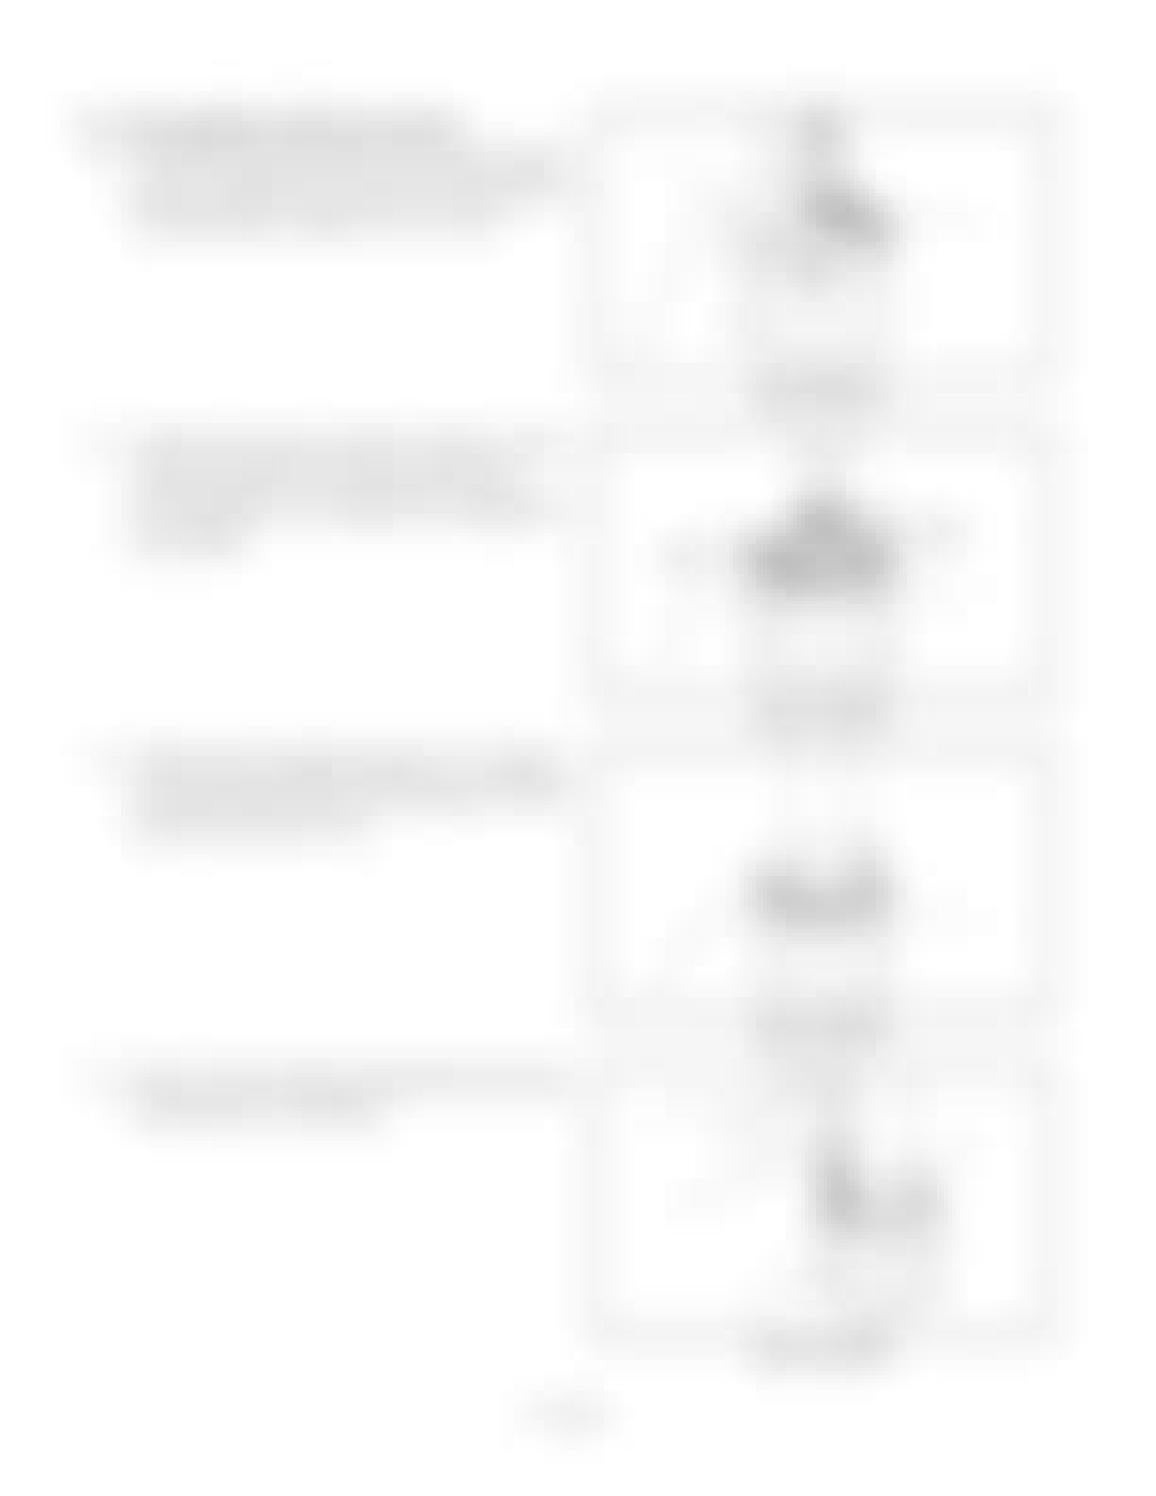 Hitachi LX110-7 LX130-7 LX160-7 LX190-7 LX230-7 Wheel Loader Workshop Manual - PDF DOWNLOAD page 66